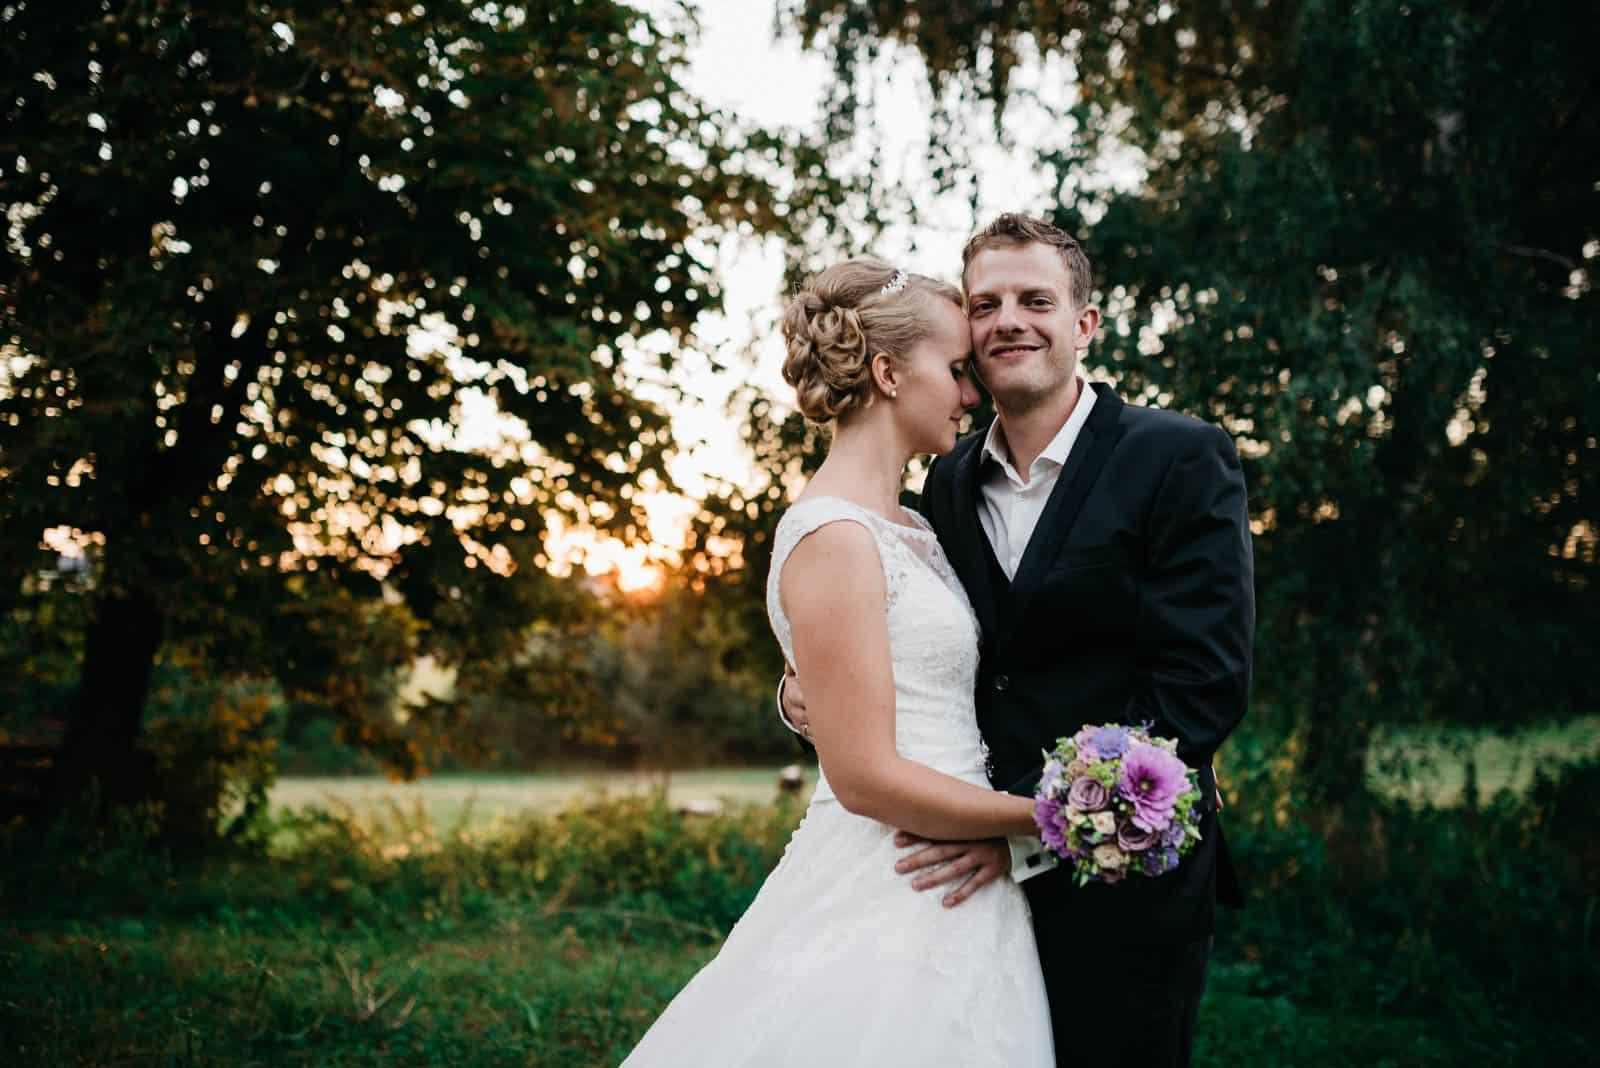 Wedding_Photography_107